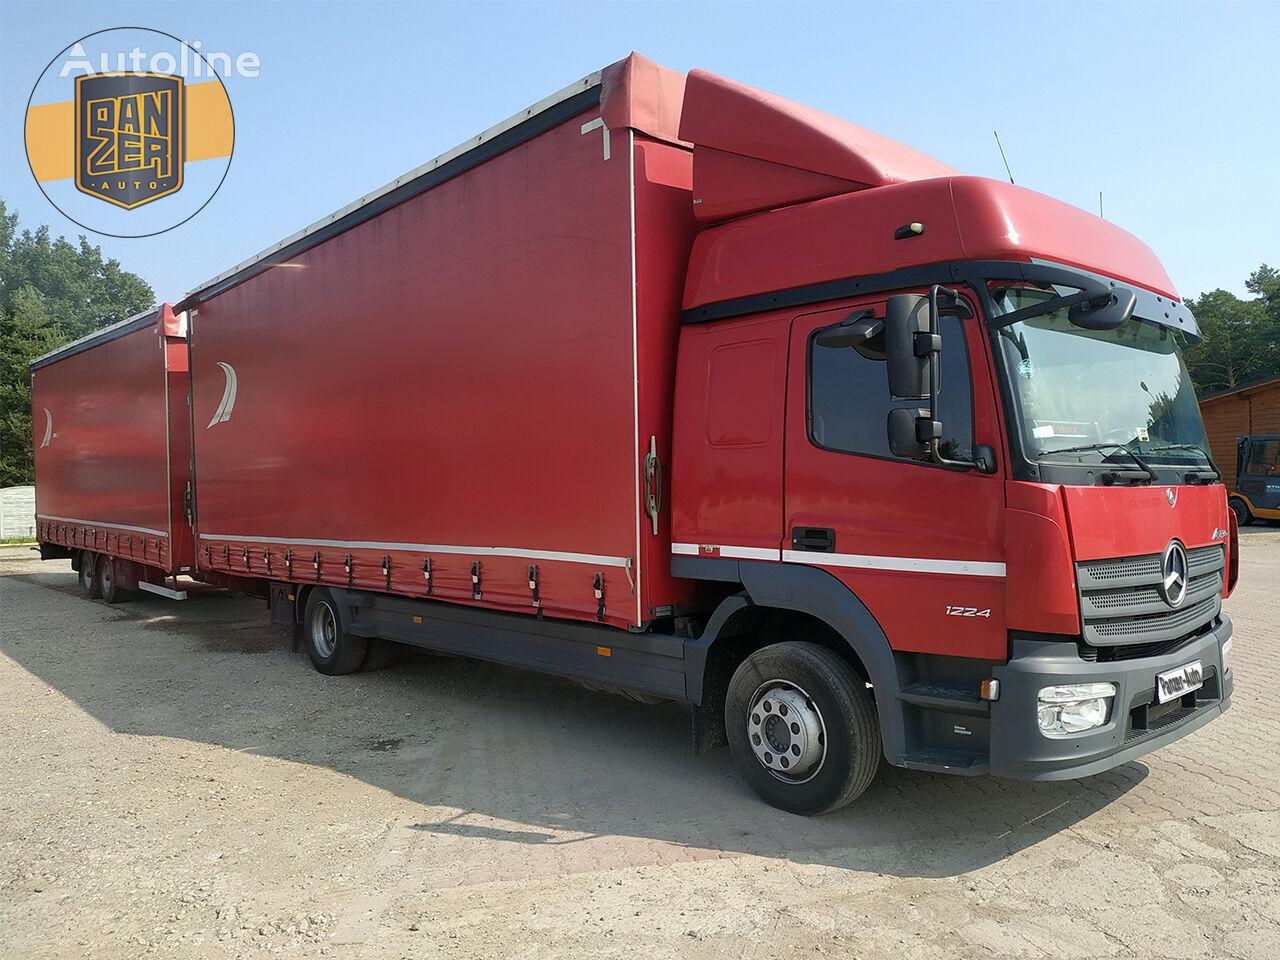 MERCEDES-BENZ ATEGO 1224, NOVAYa MODEL, AVTOPOEZD 120 M3 kamion sa klizna zavesa cerada + prikolica sa kliznom ceradom